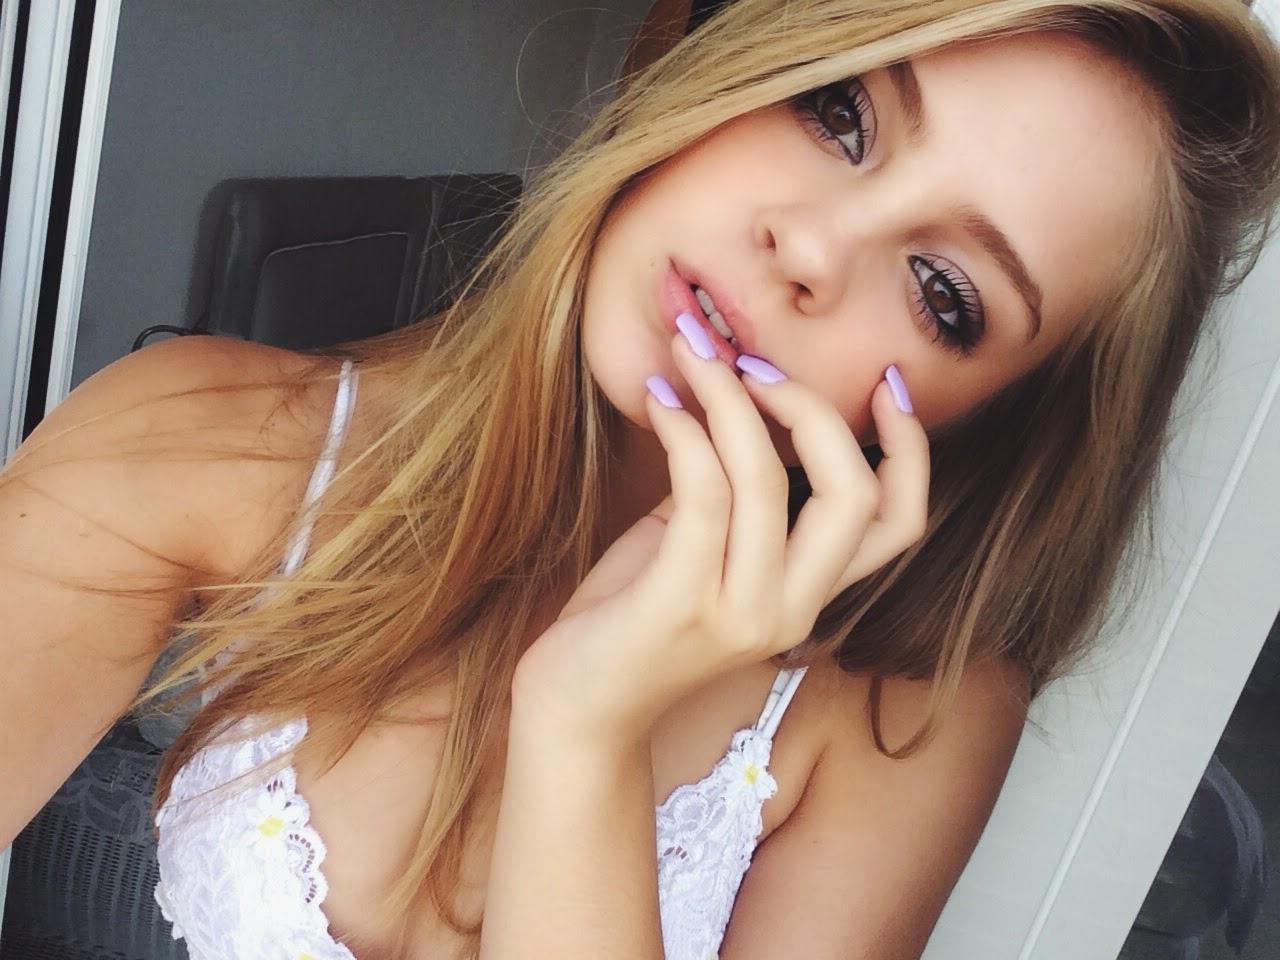 Em gái da trắng xinh như thiên thần khoe ngực căng tràn nhựa sống